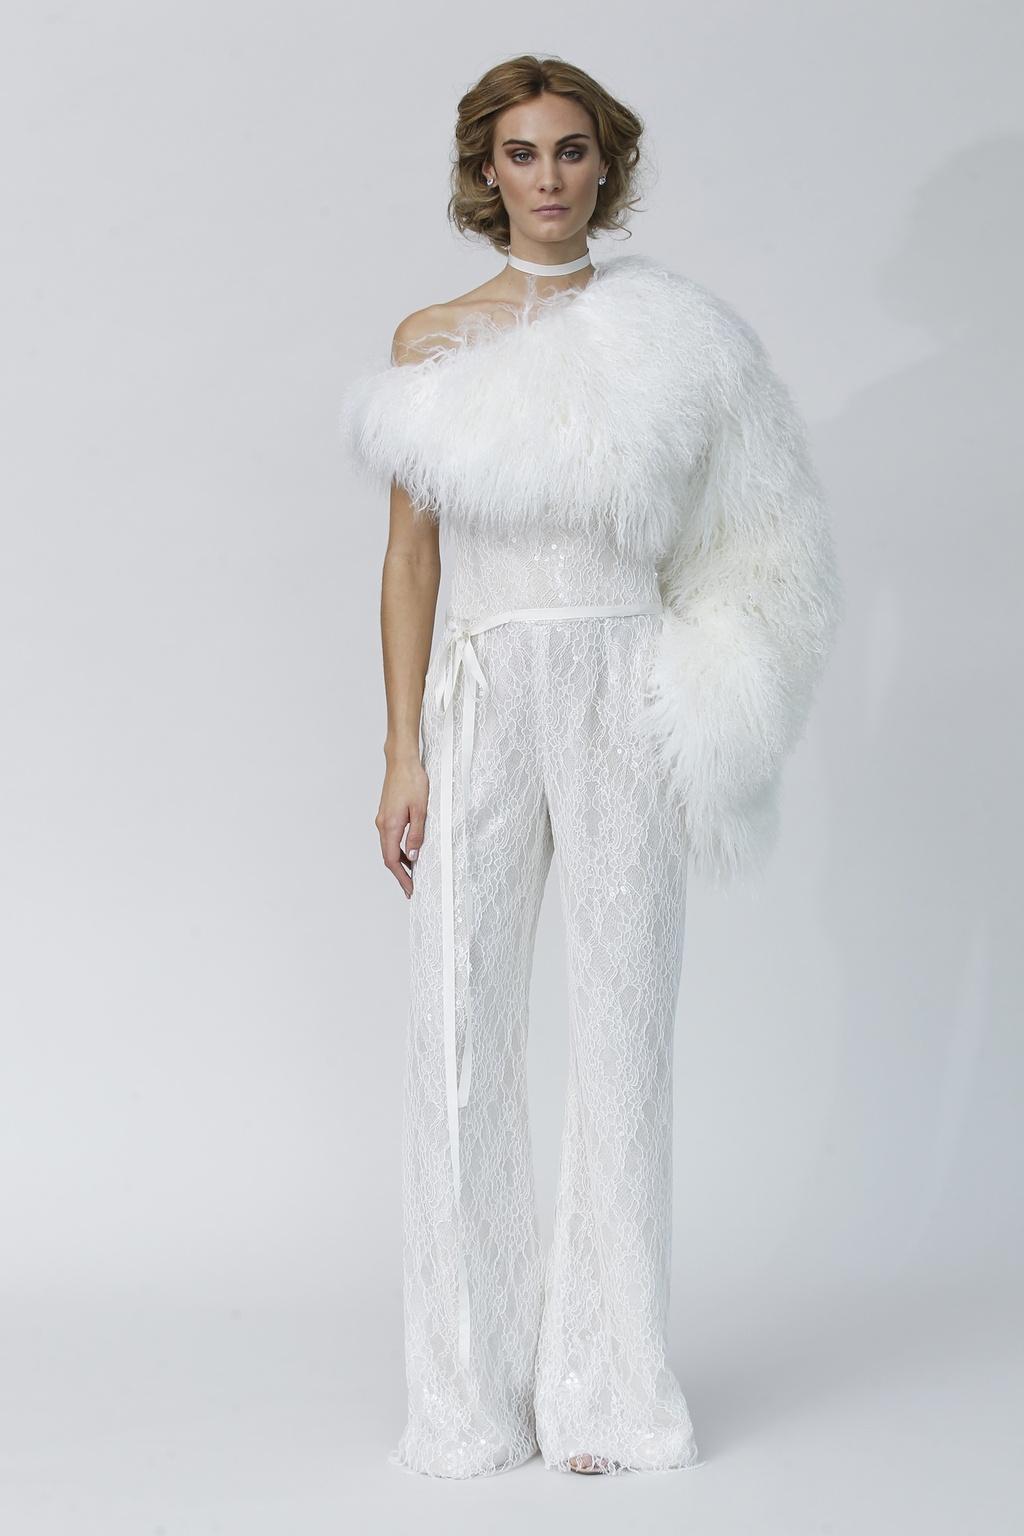 Elenette-wedding-dress-by-rivini-fall-2014-bridal.full